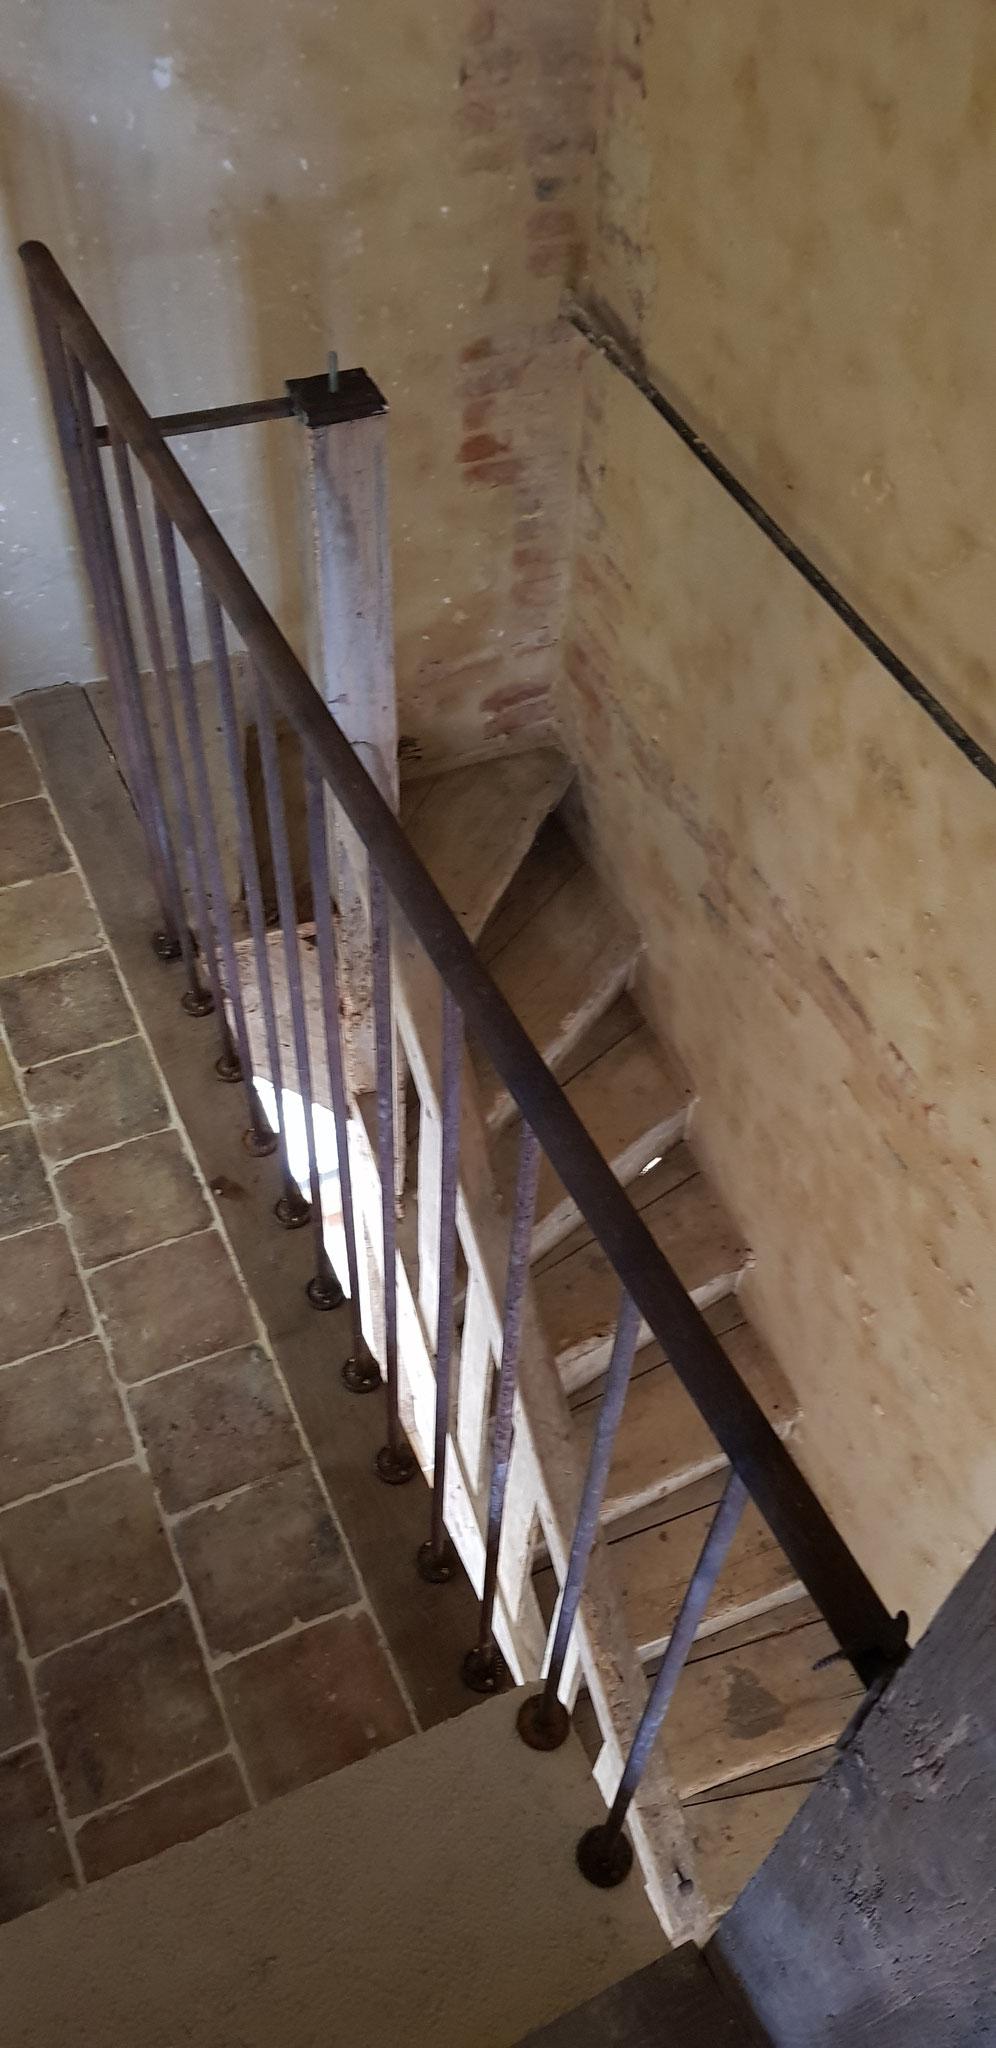 Récuperation achat escalier ancien, démontage remontage, création balustrade acier vieilli